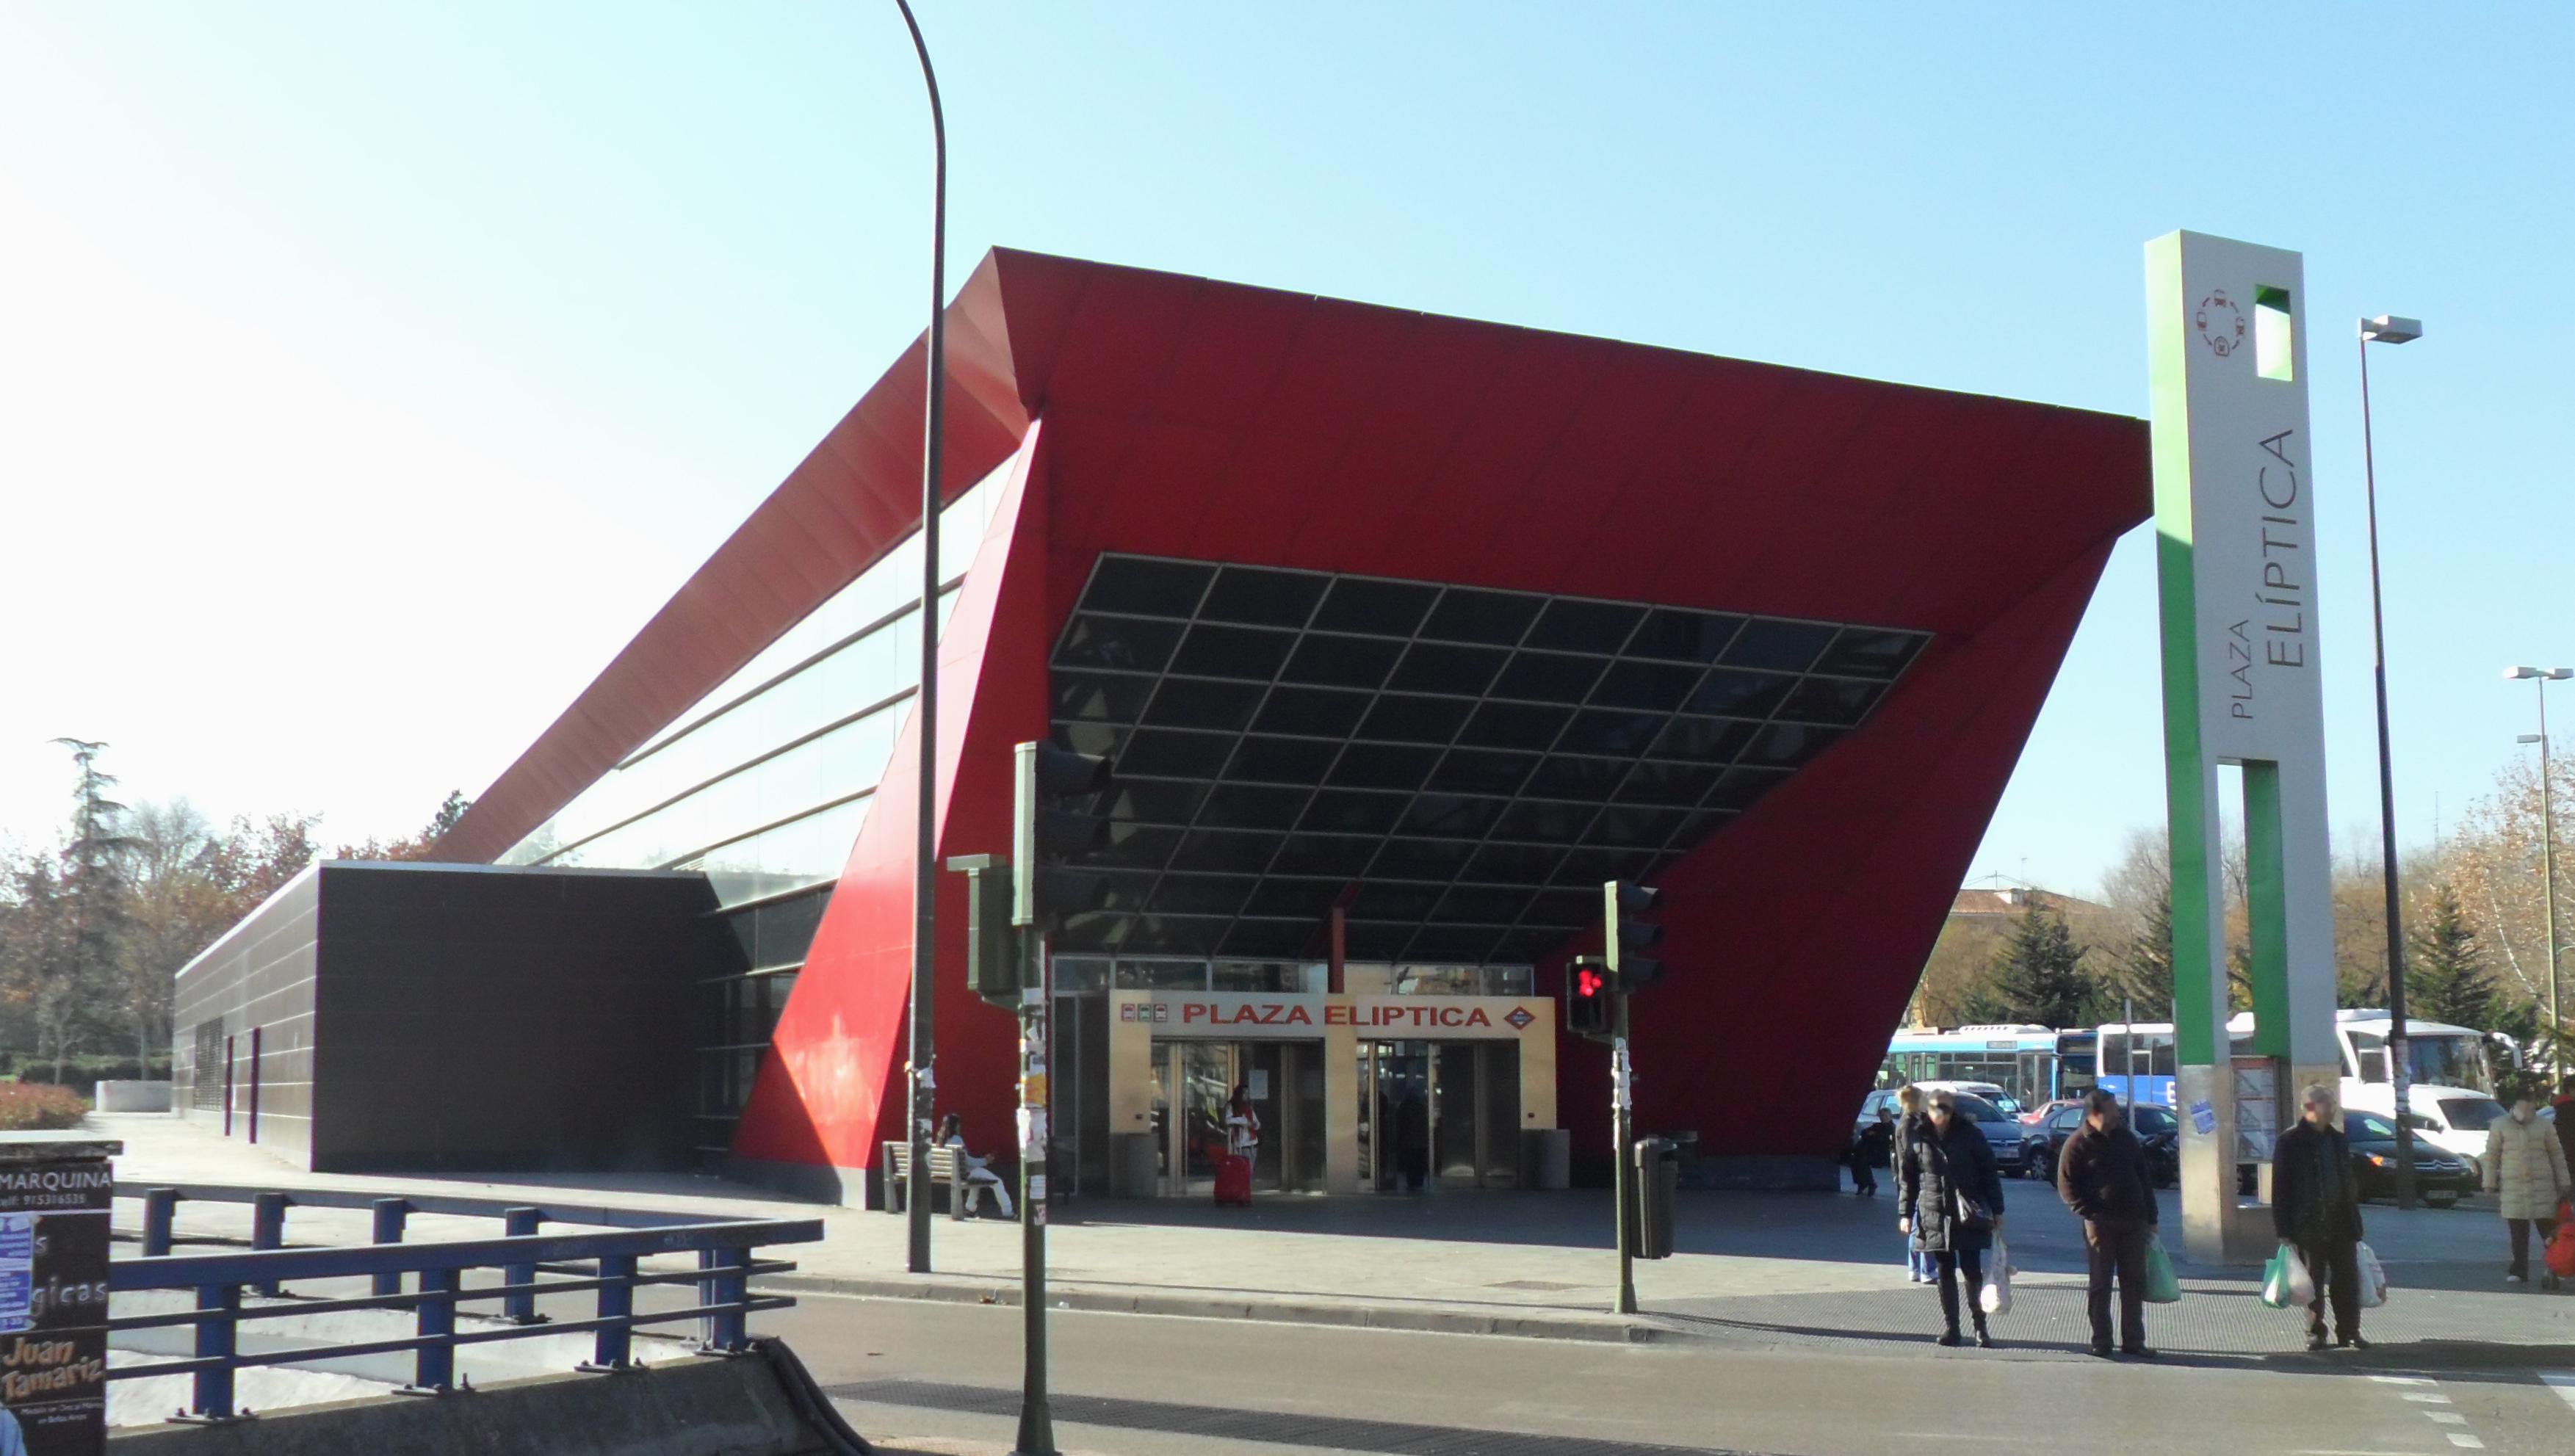 Esto en San Martín plaza eliptica 8461